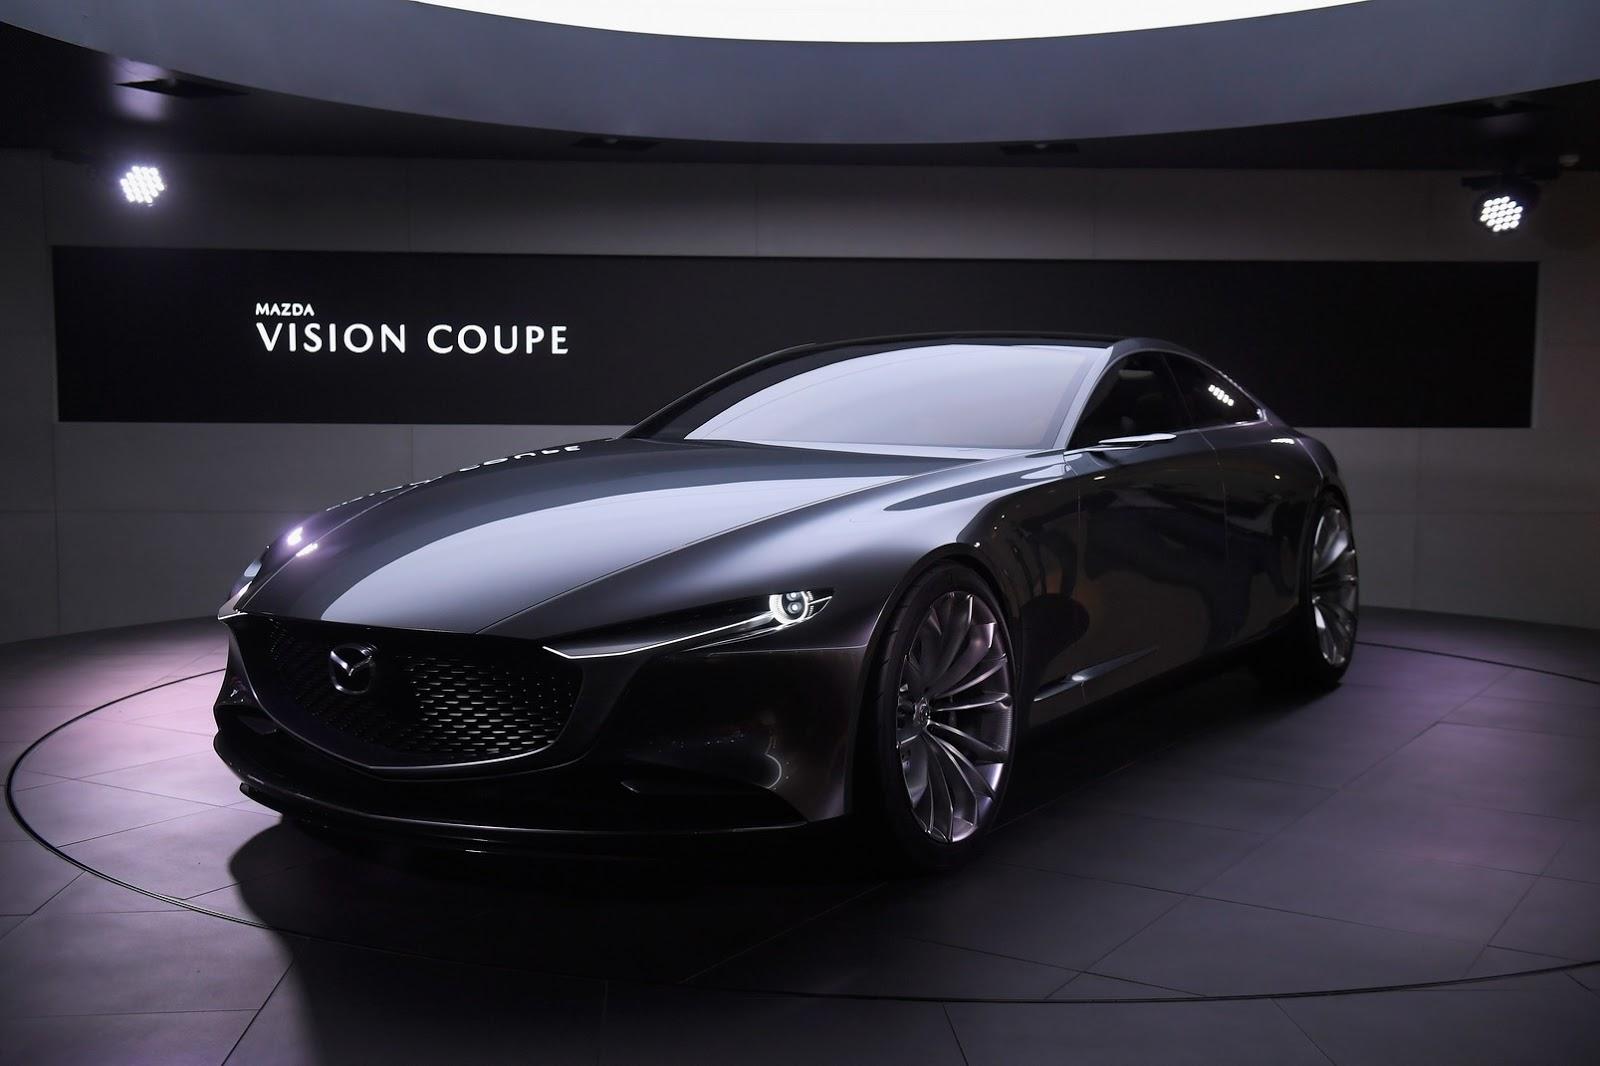 Mazda đang phát triển động cơ xăng và dầu 6 động cơ Skyactiv-X mới - 18